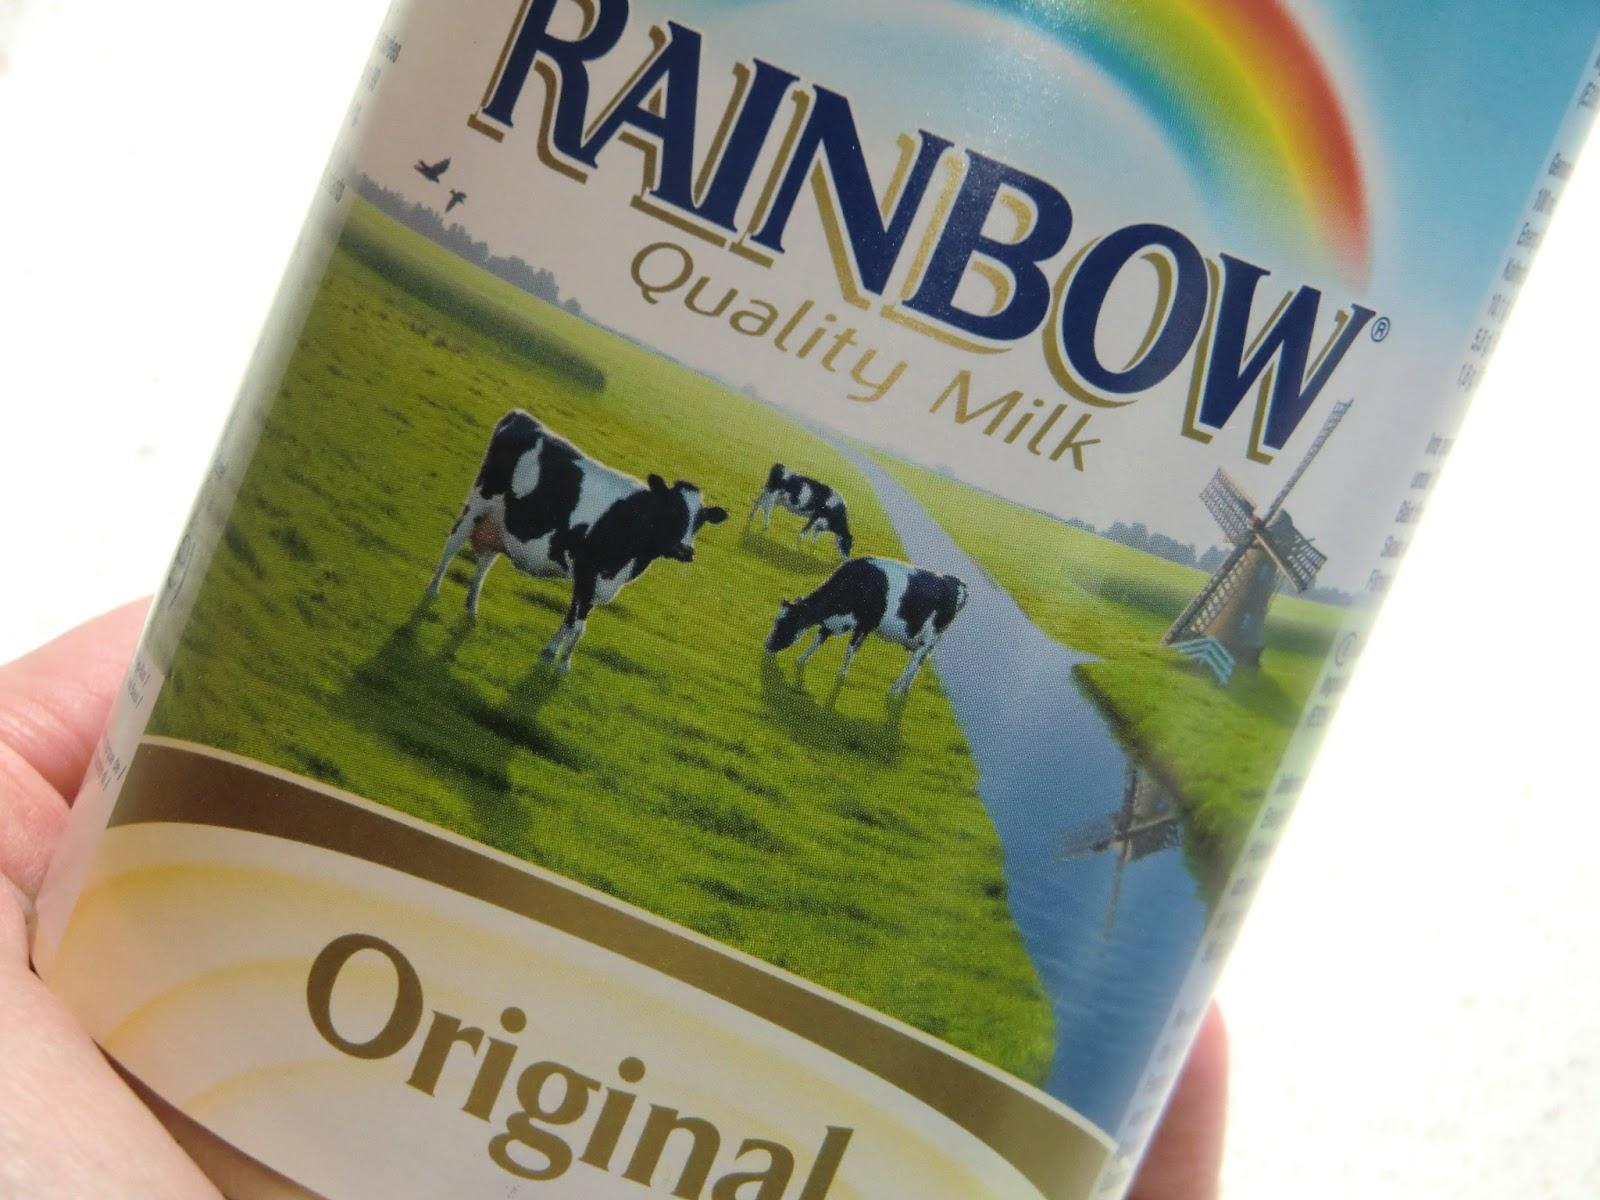 osötad kondenserad mjölk lchf